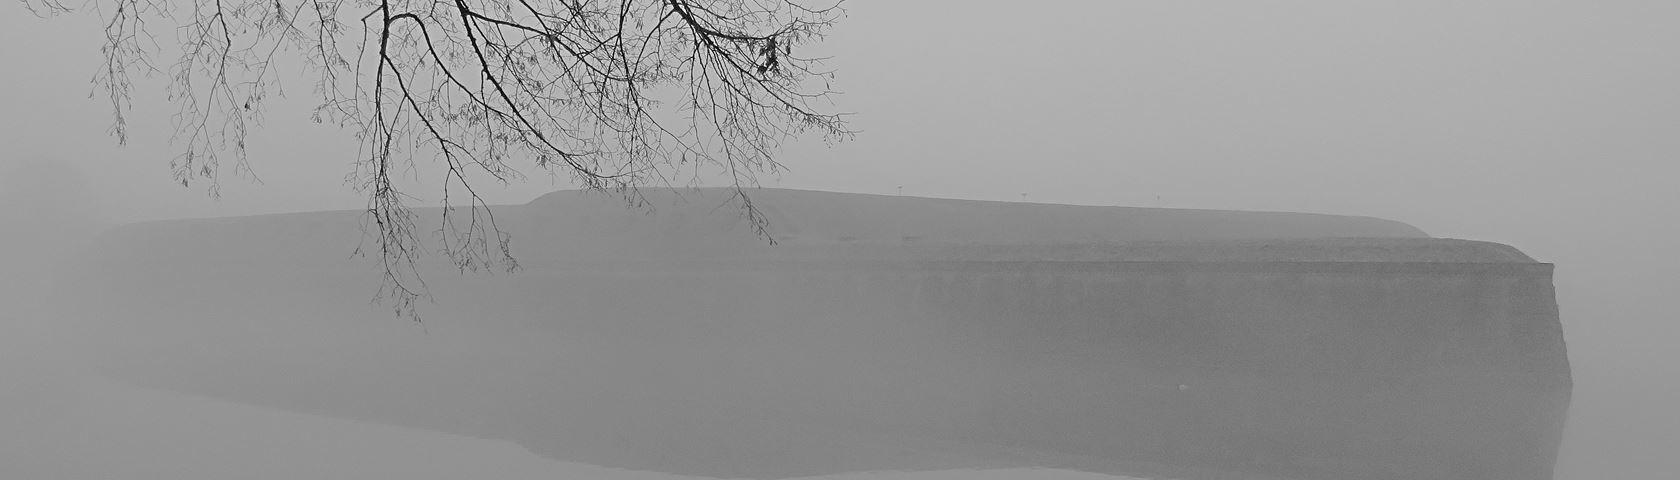 Fog at Naarden-Vesting